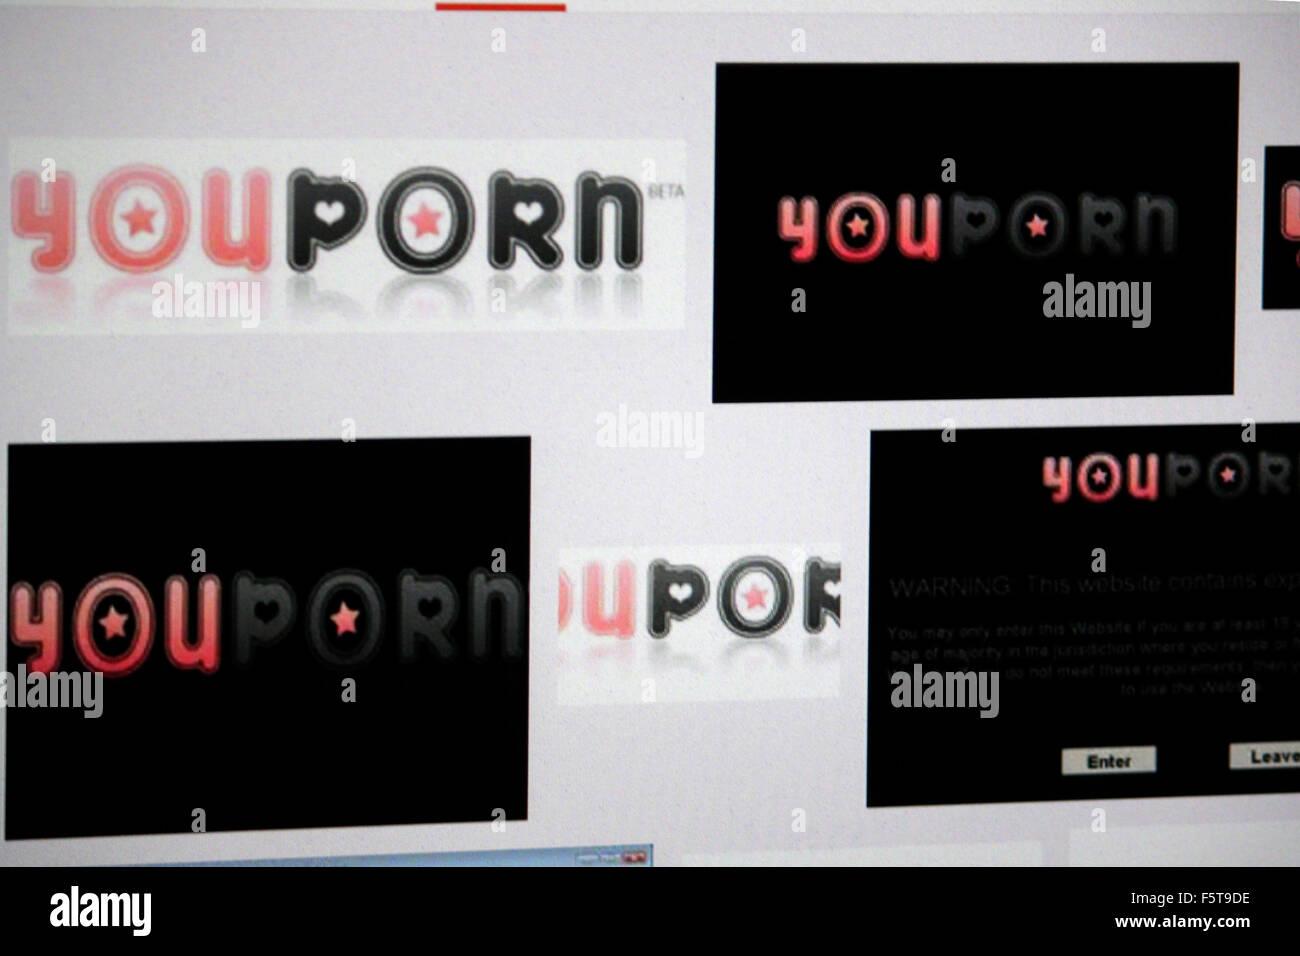 Imagenes De You Porn